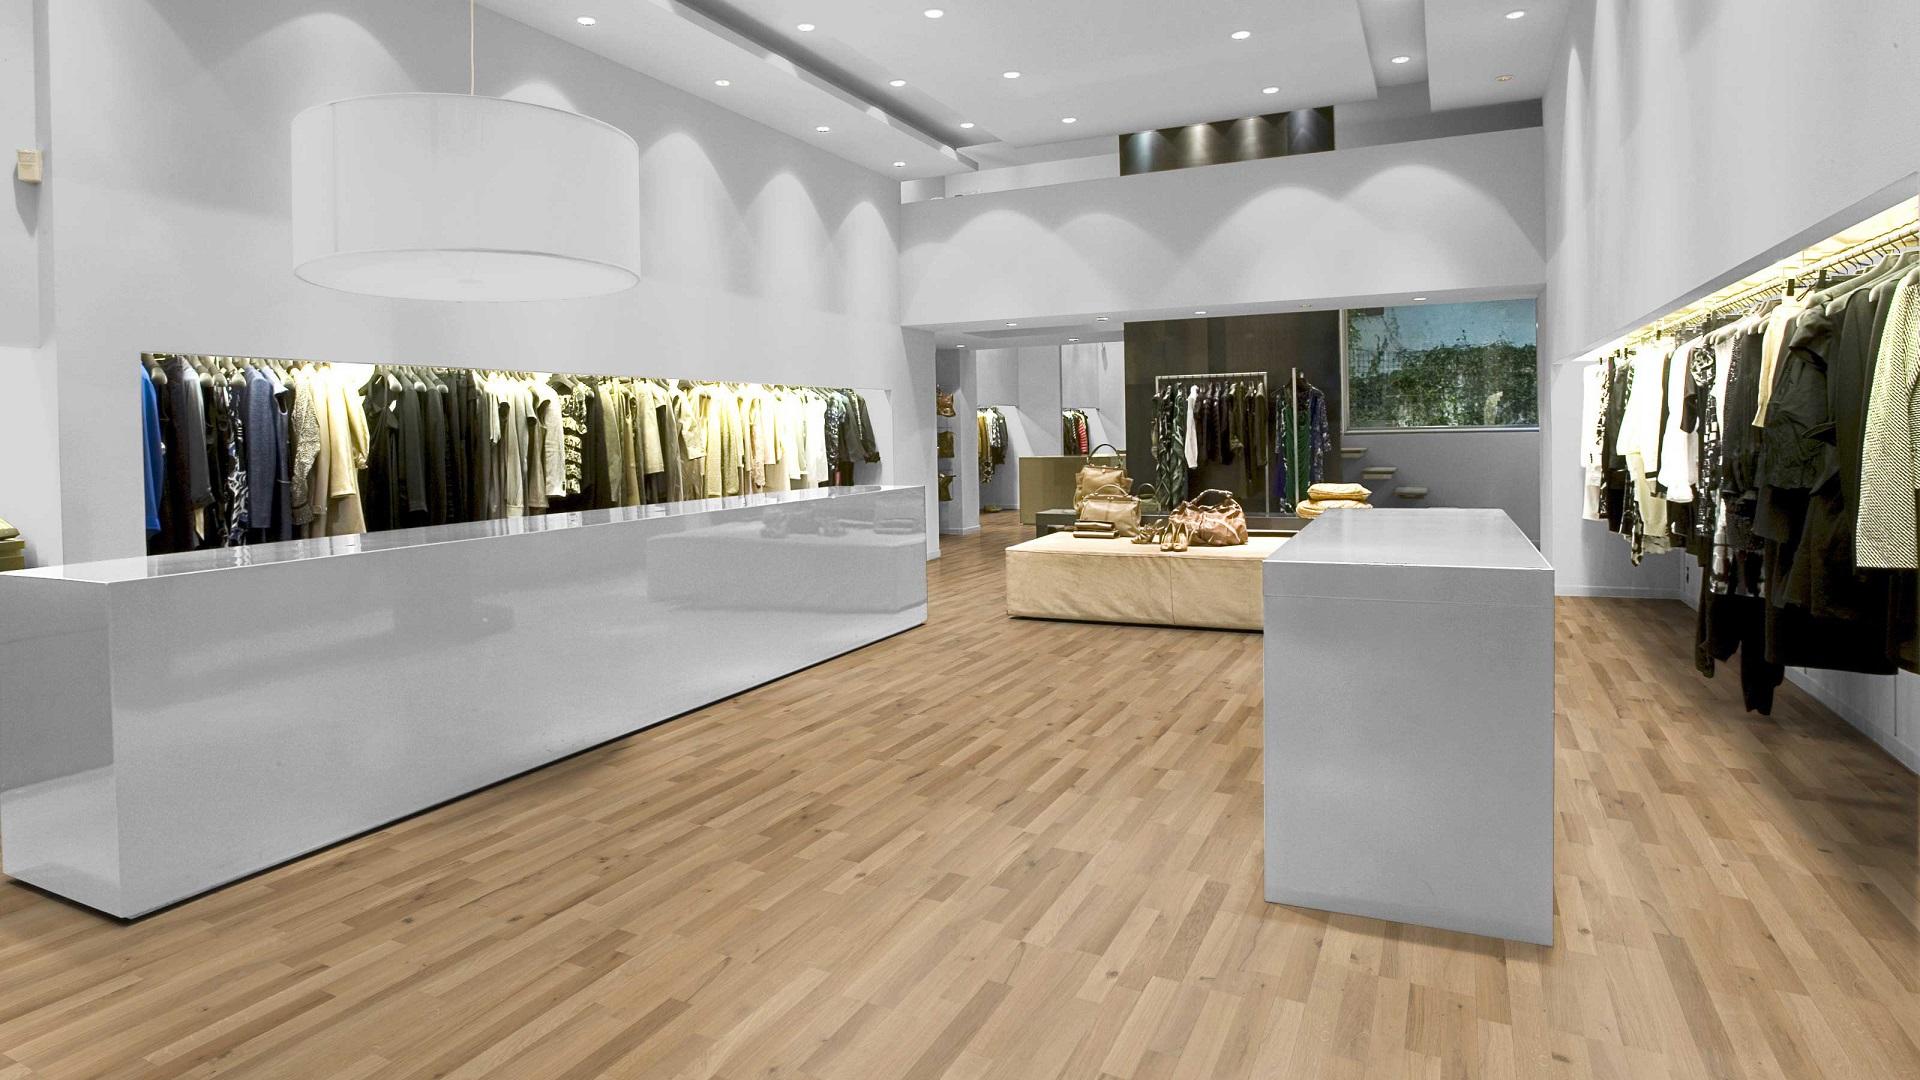 Decoratessen empresa de decoraci n de interiores de cen for Empresas de decoracion de interiores